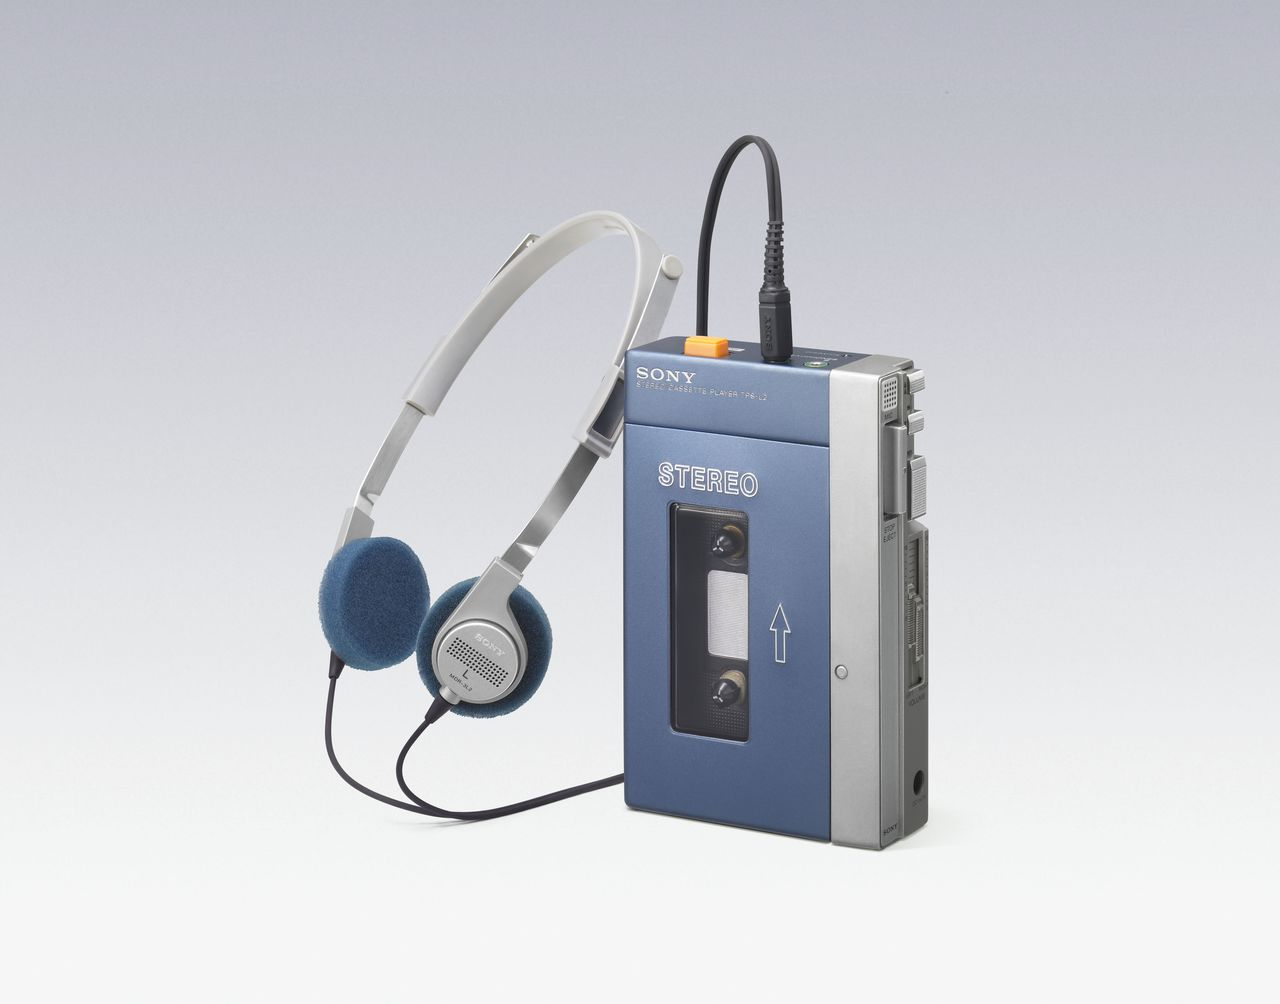 Первый Walkman TPS-L2 стоил 33 000 йен